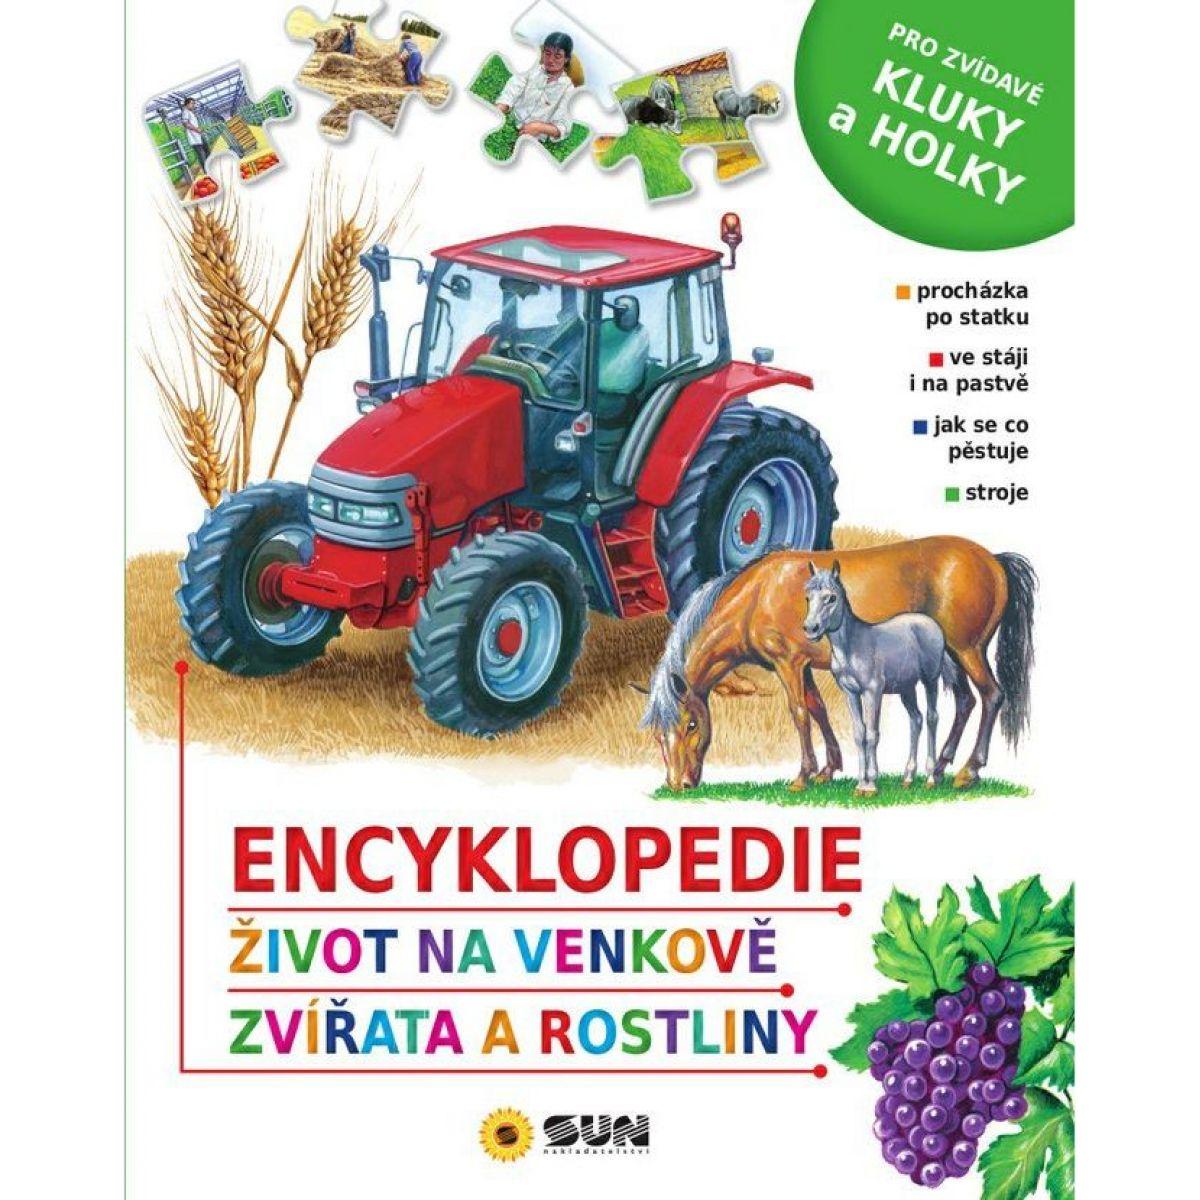 Encyklopédia Život na vidieku Zvieratá